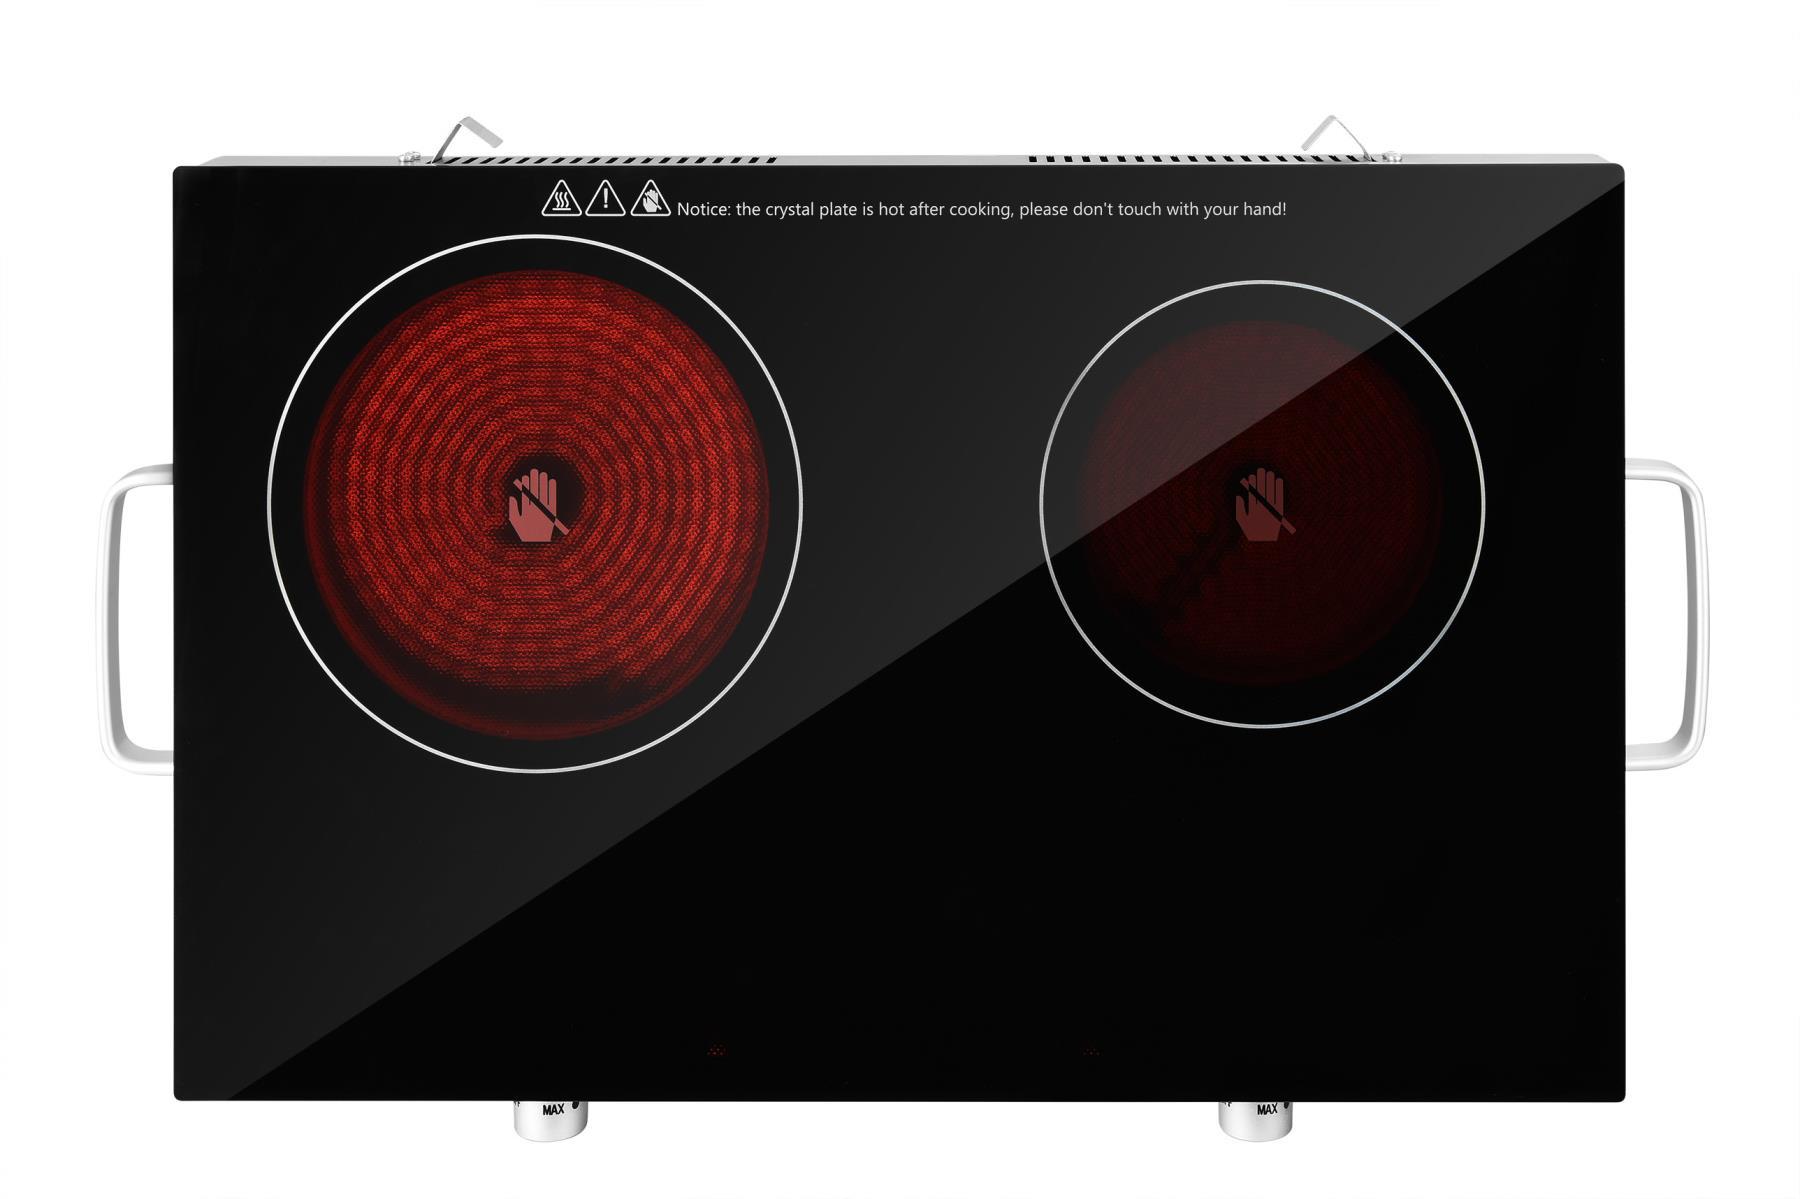 Glaskeramik-Kochplatte Infrarot Doppelkochfeld Ceran 2800W (Karton defekt)*81302 Bild 2